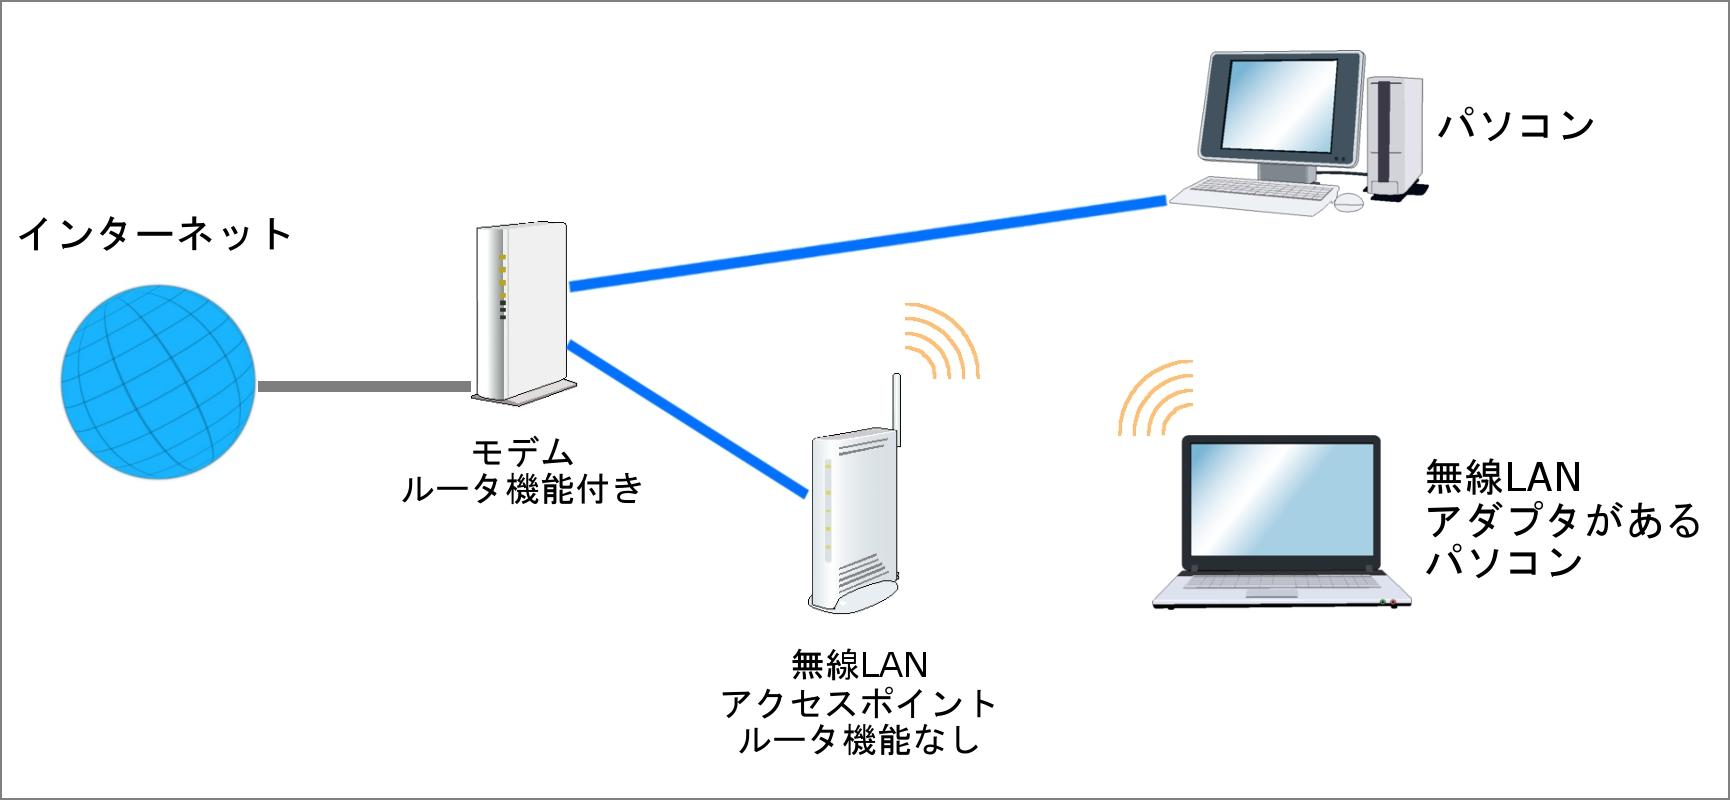 有線LANと無線LANの両方を利用した接続例 有線LANと無線LANの両方を